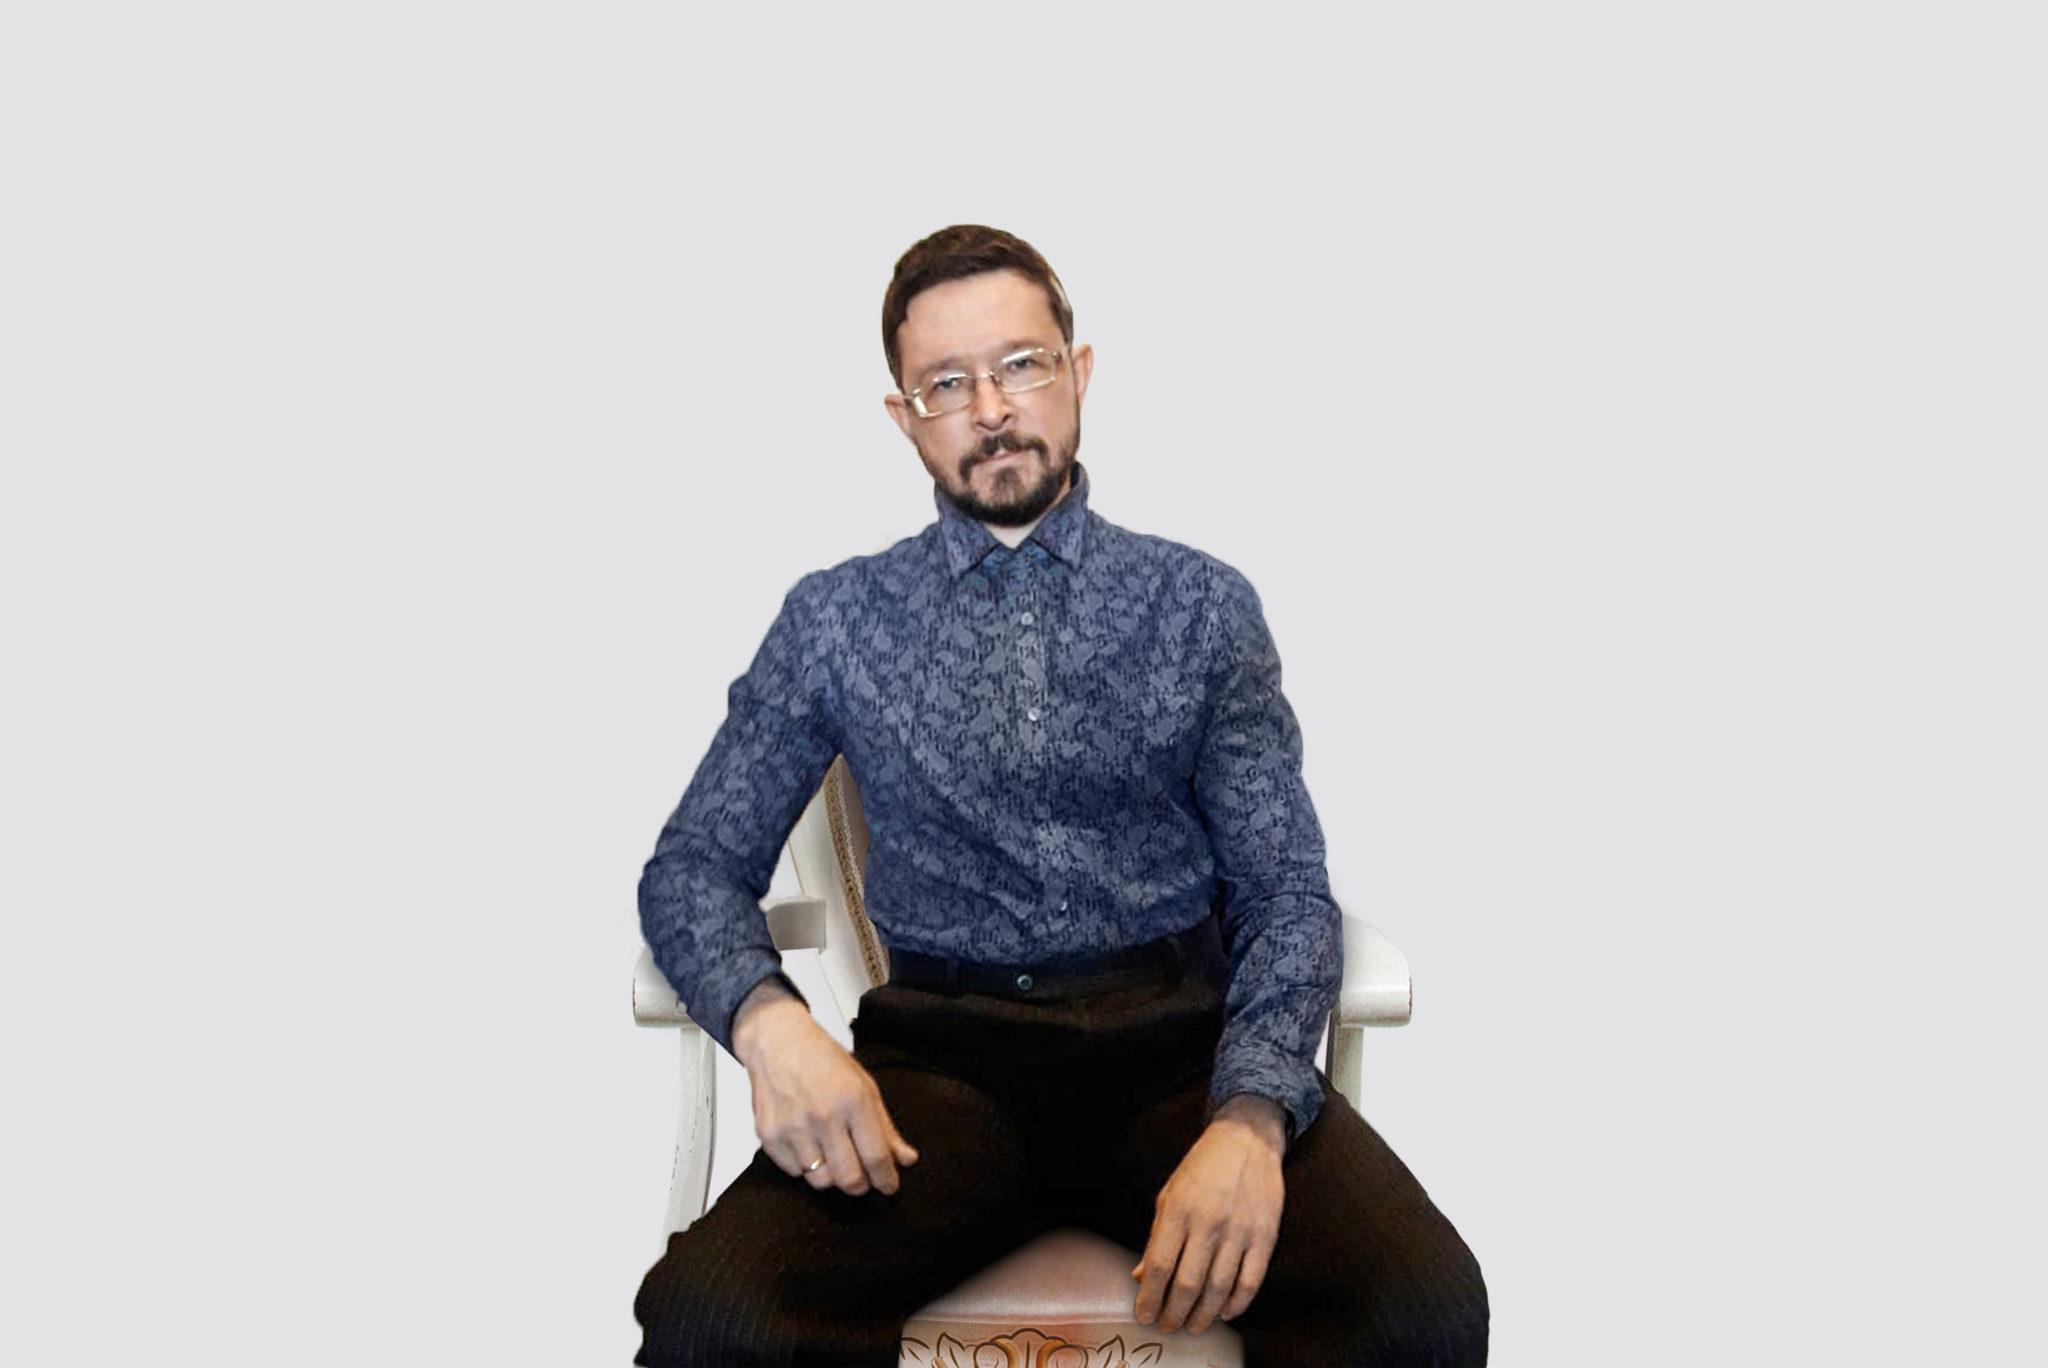 Психолог Дмитрий Голубев